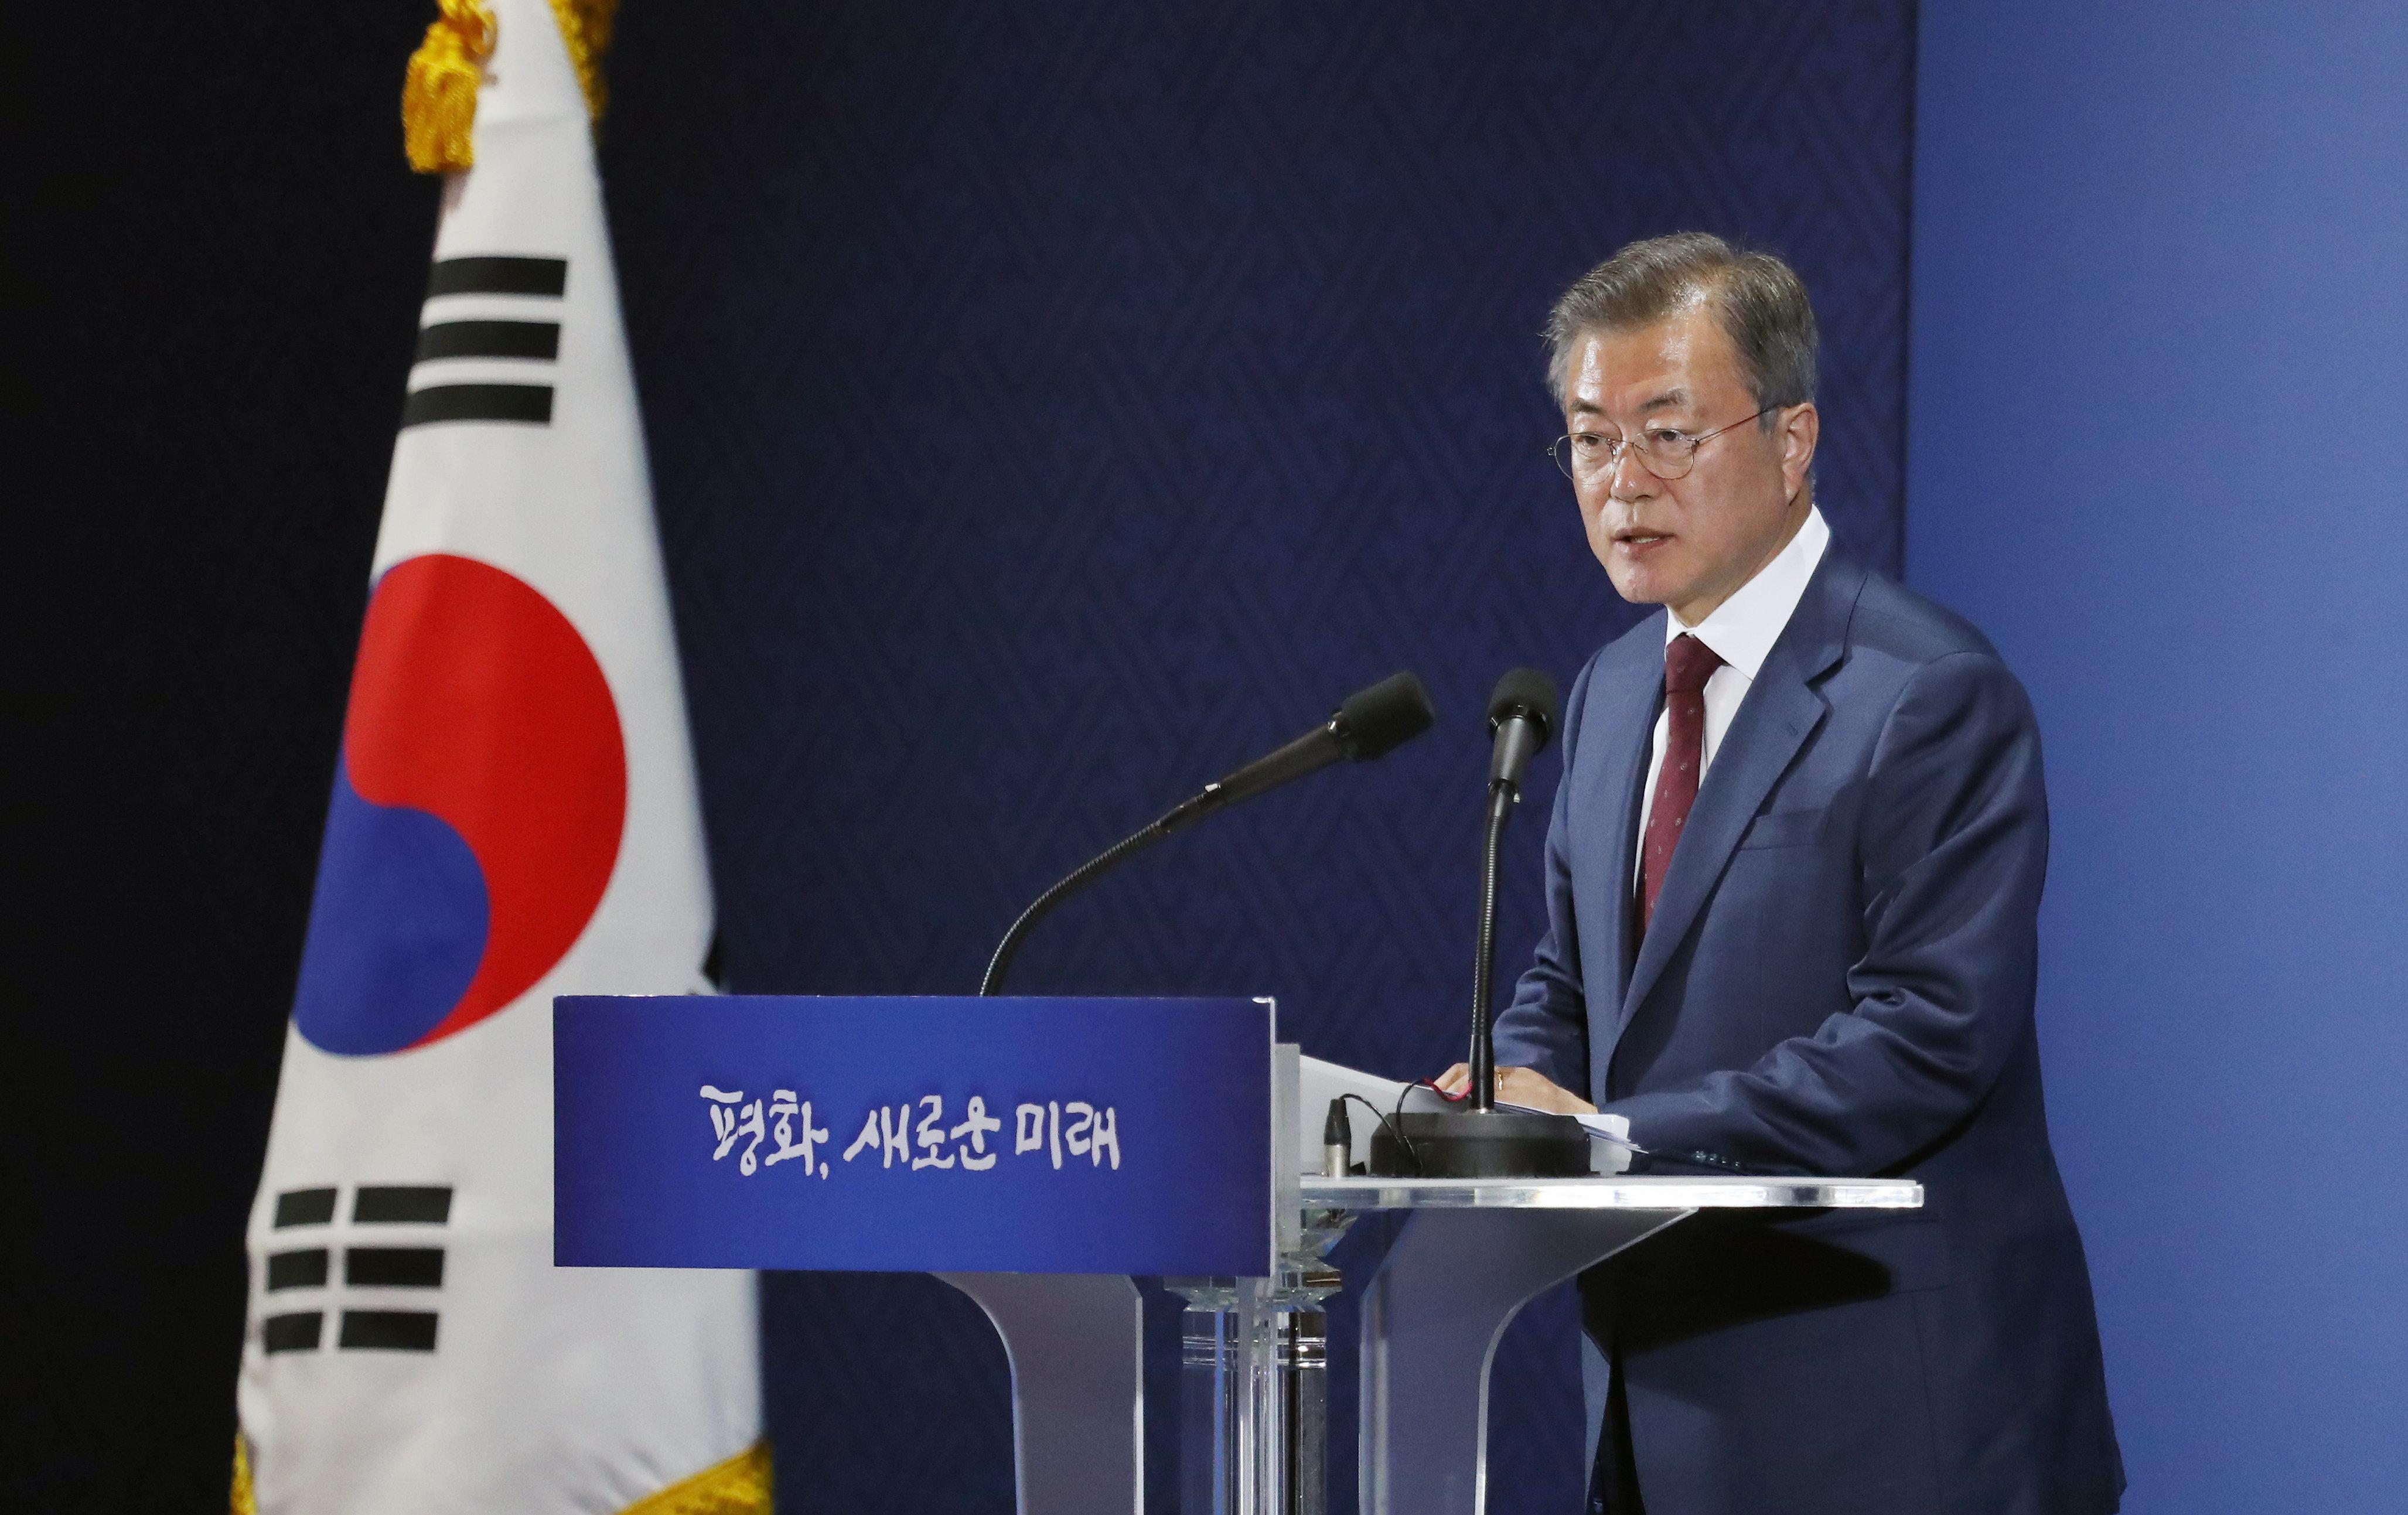 문재인 대통령이 밝힌 김정은 위원장과 구두로 합의한